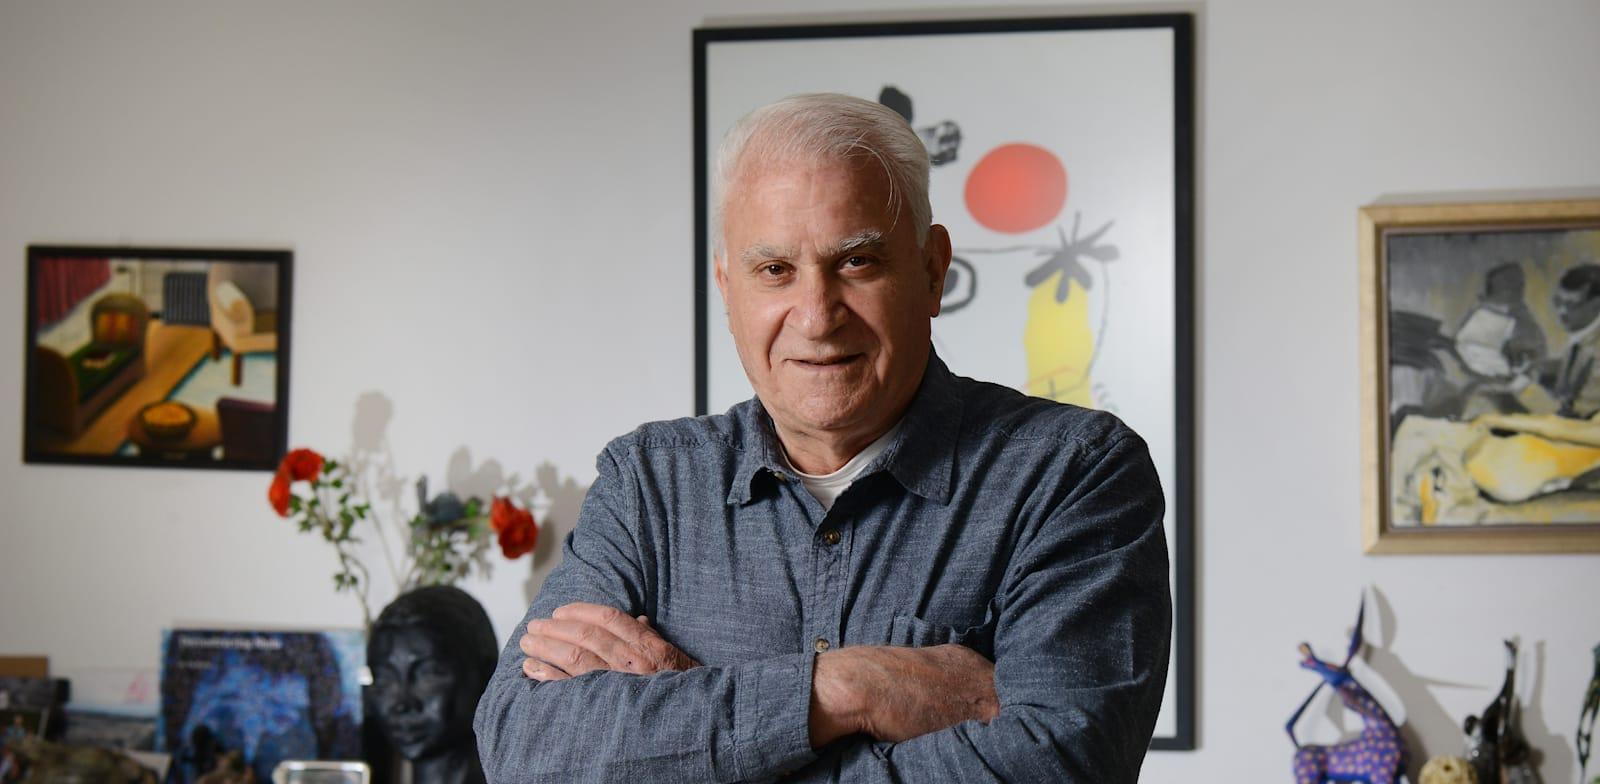 אסף רזין, פרופסור (אמריטוס) לכלכלה באוניברסיטת תל אביב / צילום: איל יצהר